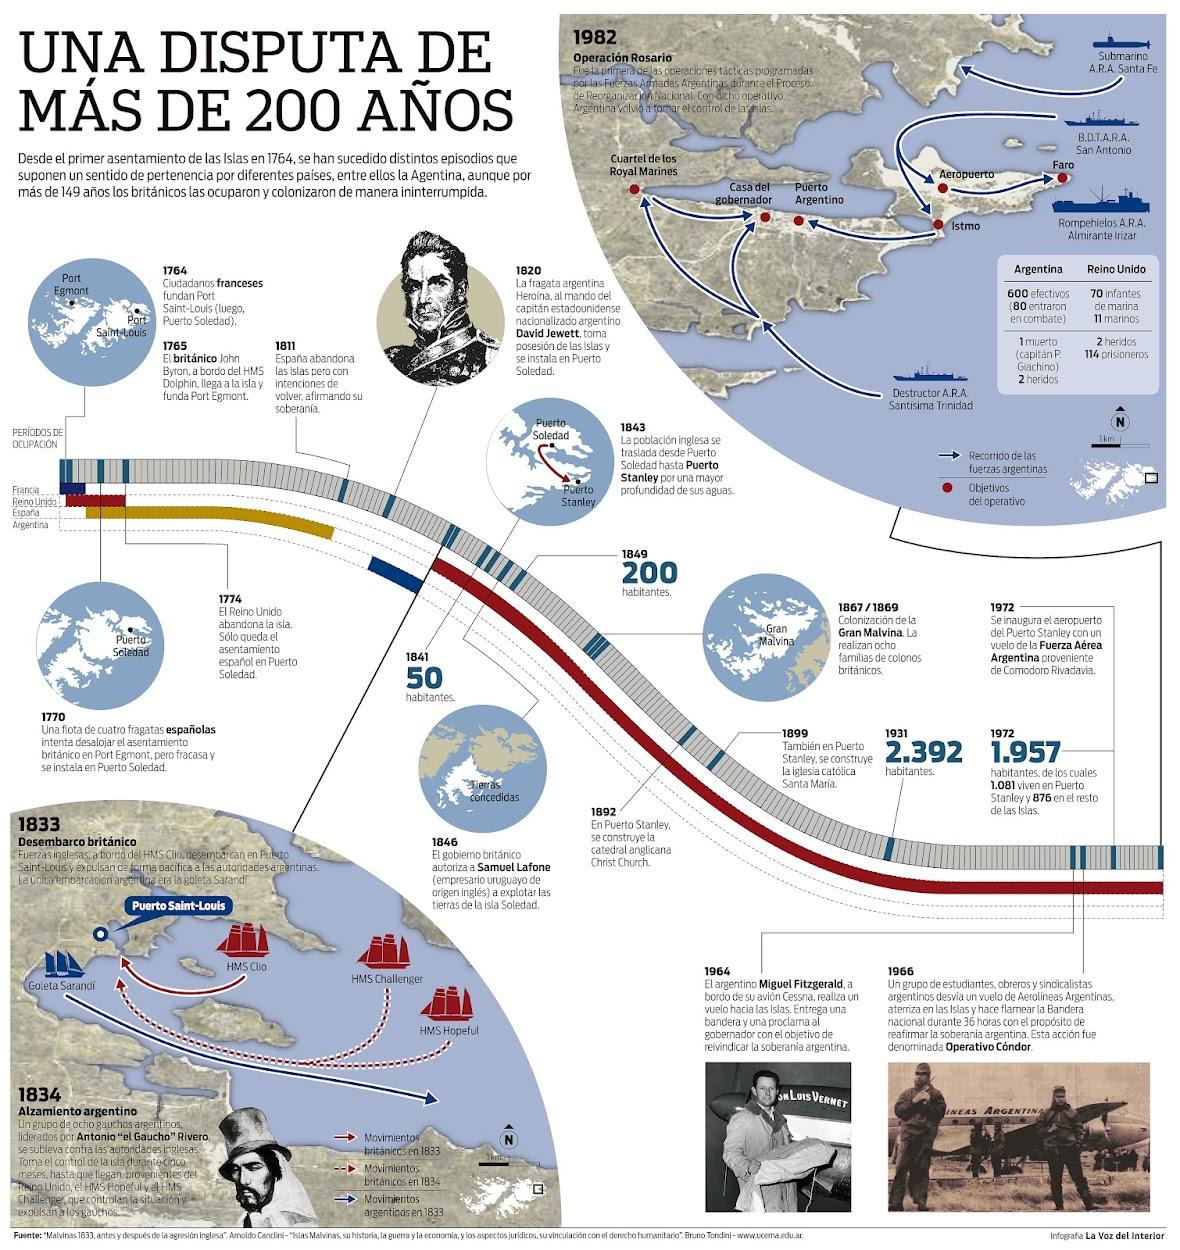 http://3.bp.blogspot.com/-J6aB7IWqcok/T3tKxBIseZI/AAAAAAAAAGg/nJNdGa6M8L8/s1250/Linea+Tiempo+Malvinas_.jpg